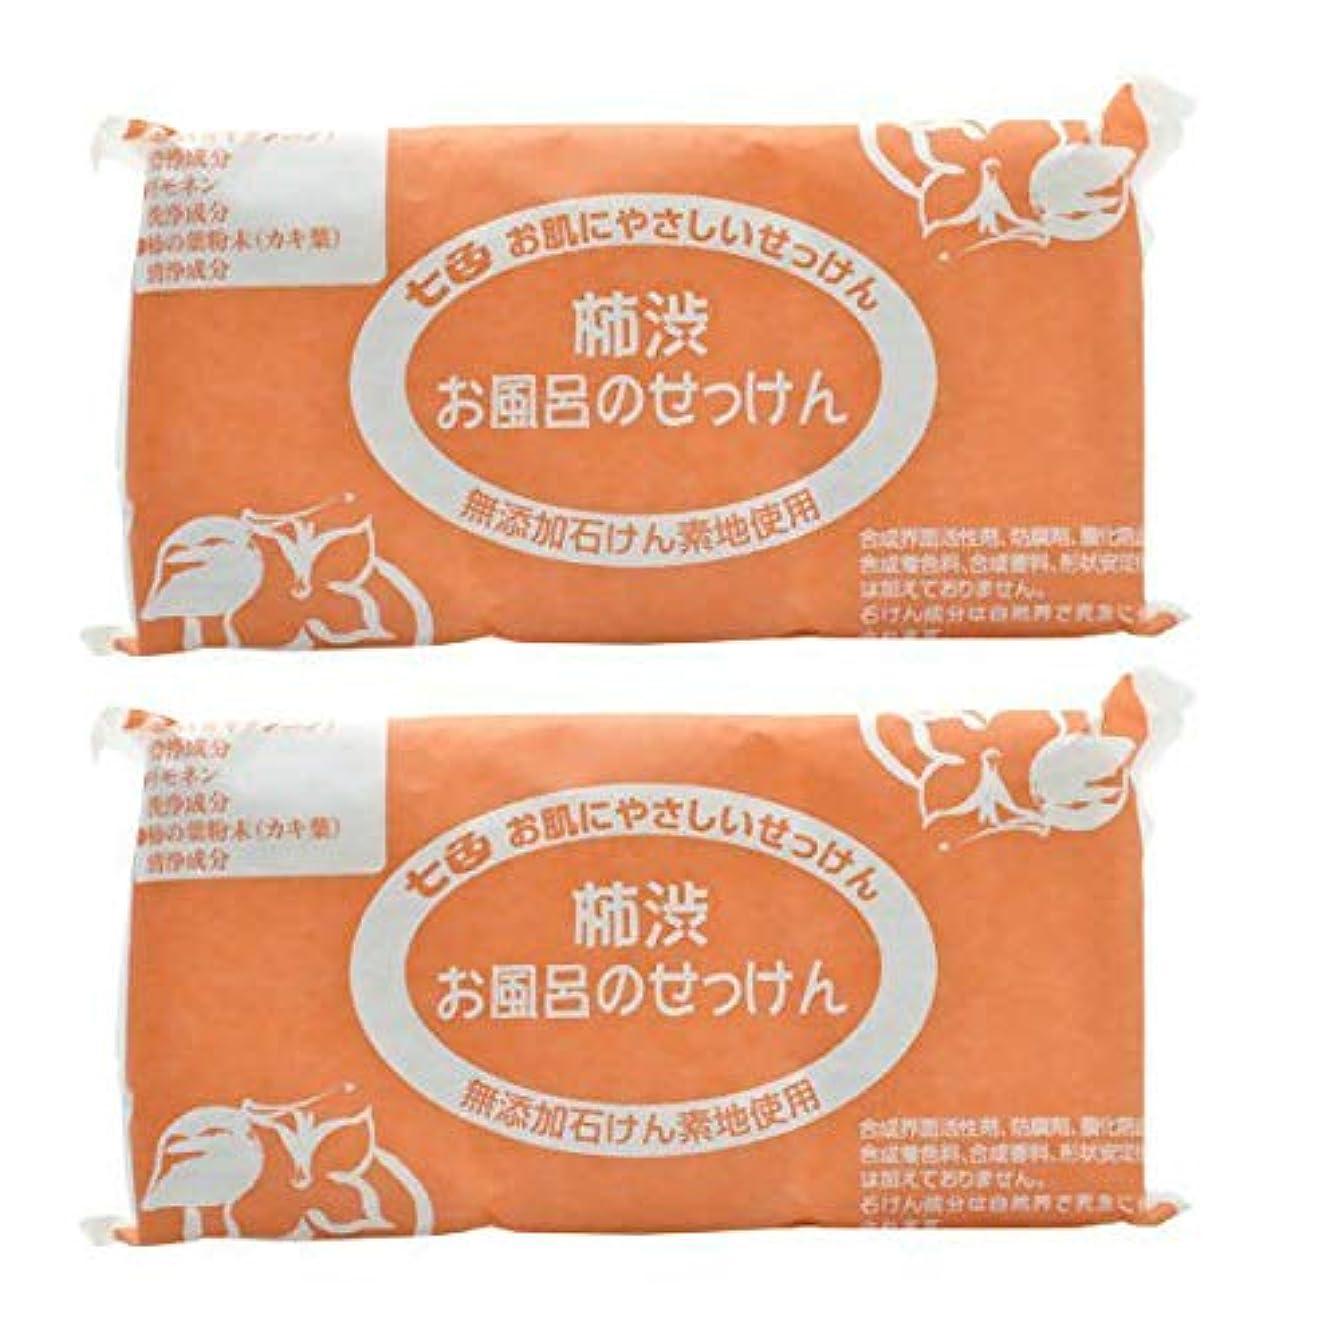 衝動策定する五七色 お風呂のせっけん 柿渋(無添加石鹸) 100g×3個入×2セット